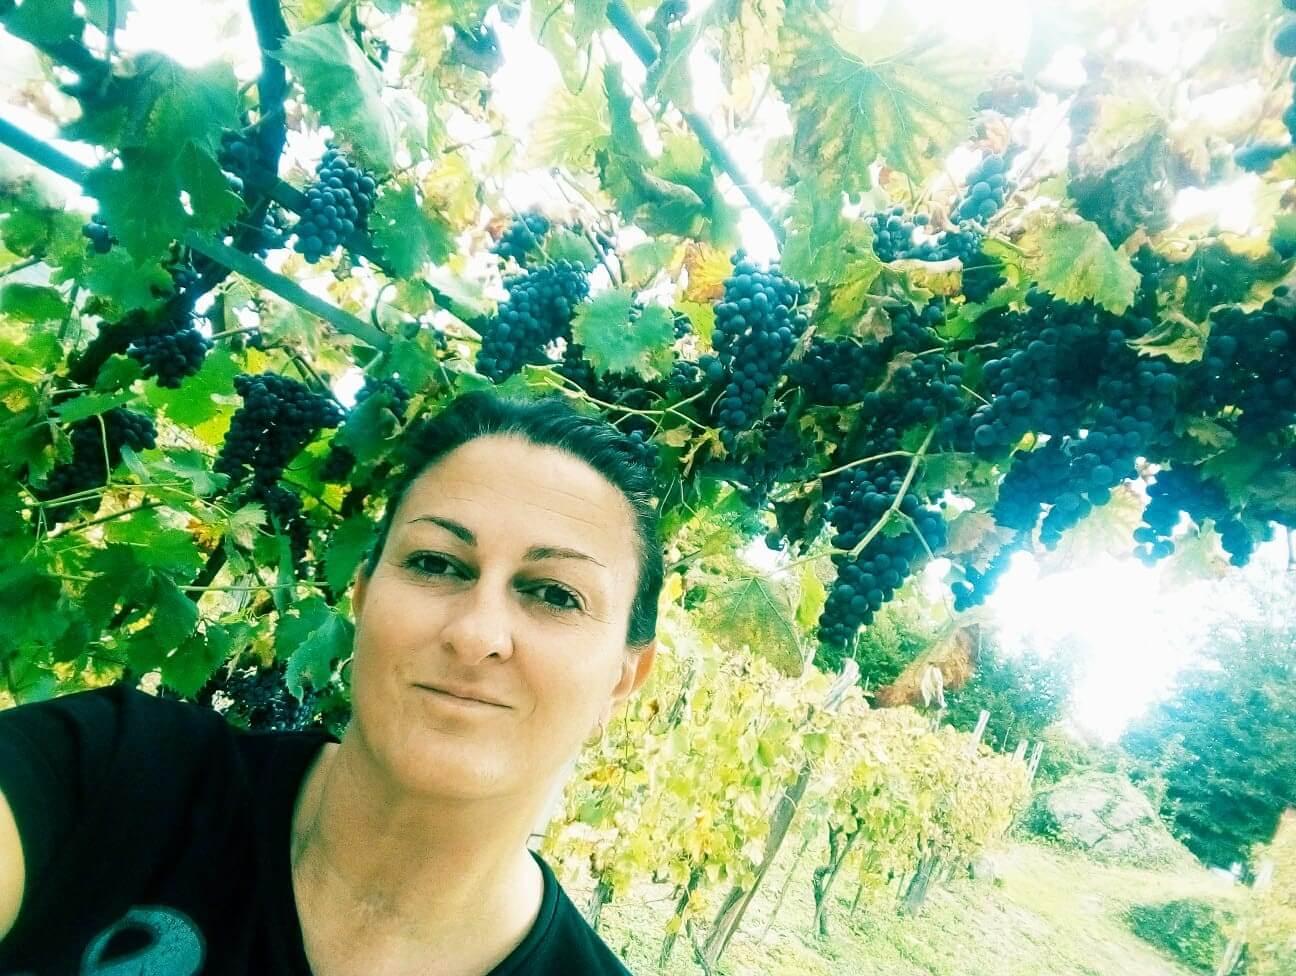 Å høste druer er selve klimaks i året på vingården. I år ligger det en ekstra spenning over årets innhøsting. Det har vært to usedvanlige år her på vingården med rekordvarme i fjor og mye regn i år. Men nå står over 1000 liter druemost i vinkjelleren. Vi venter på at det skal gjære og bli til vin.